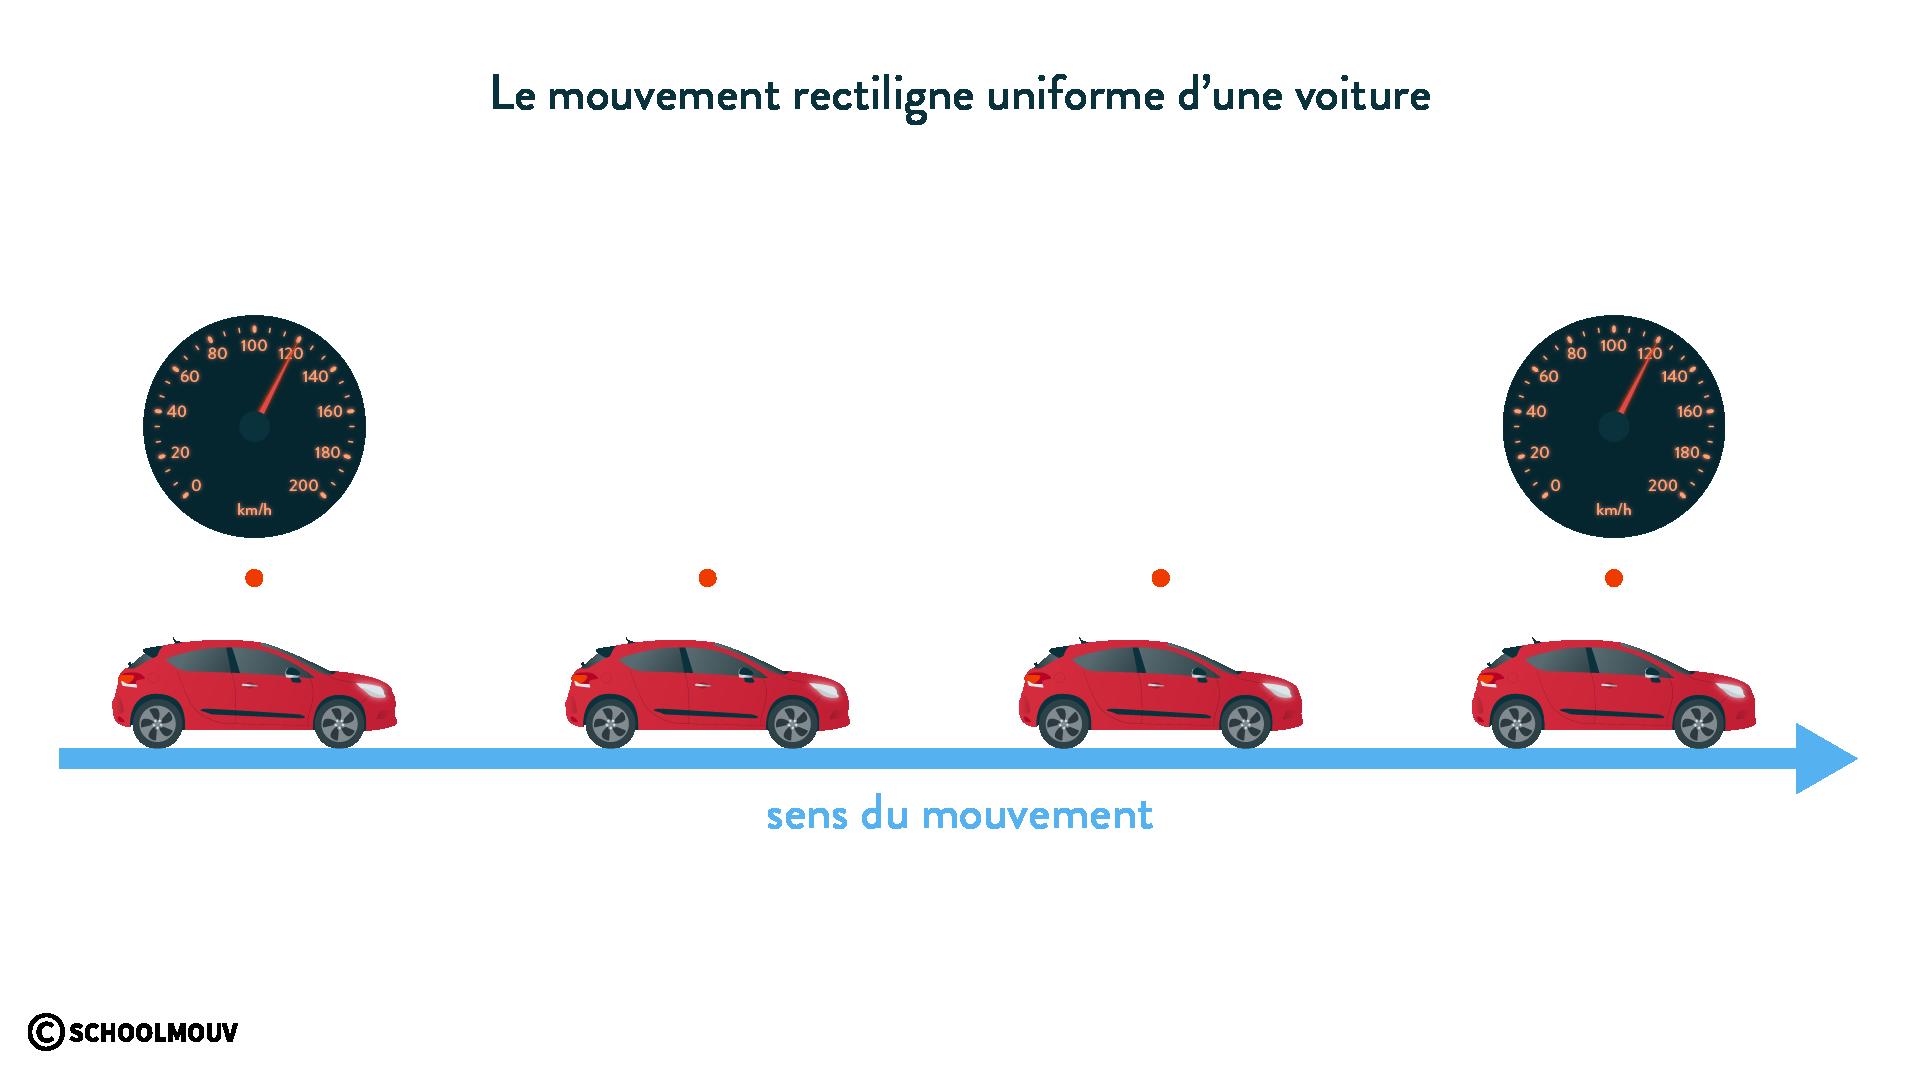 Le mouvement rectiligne uniforme d'une voiture physique chimie 6eme schoolmouv